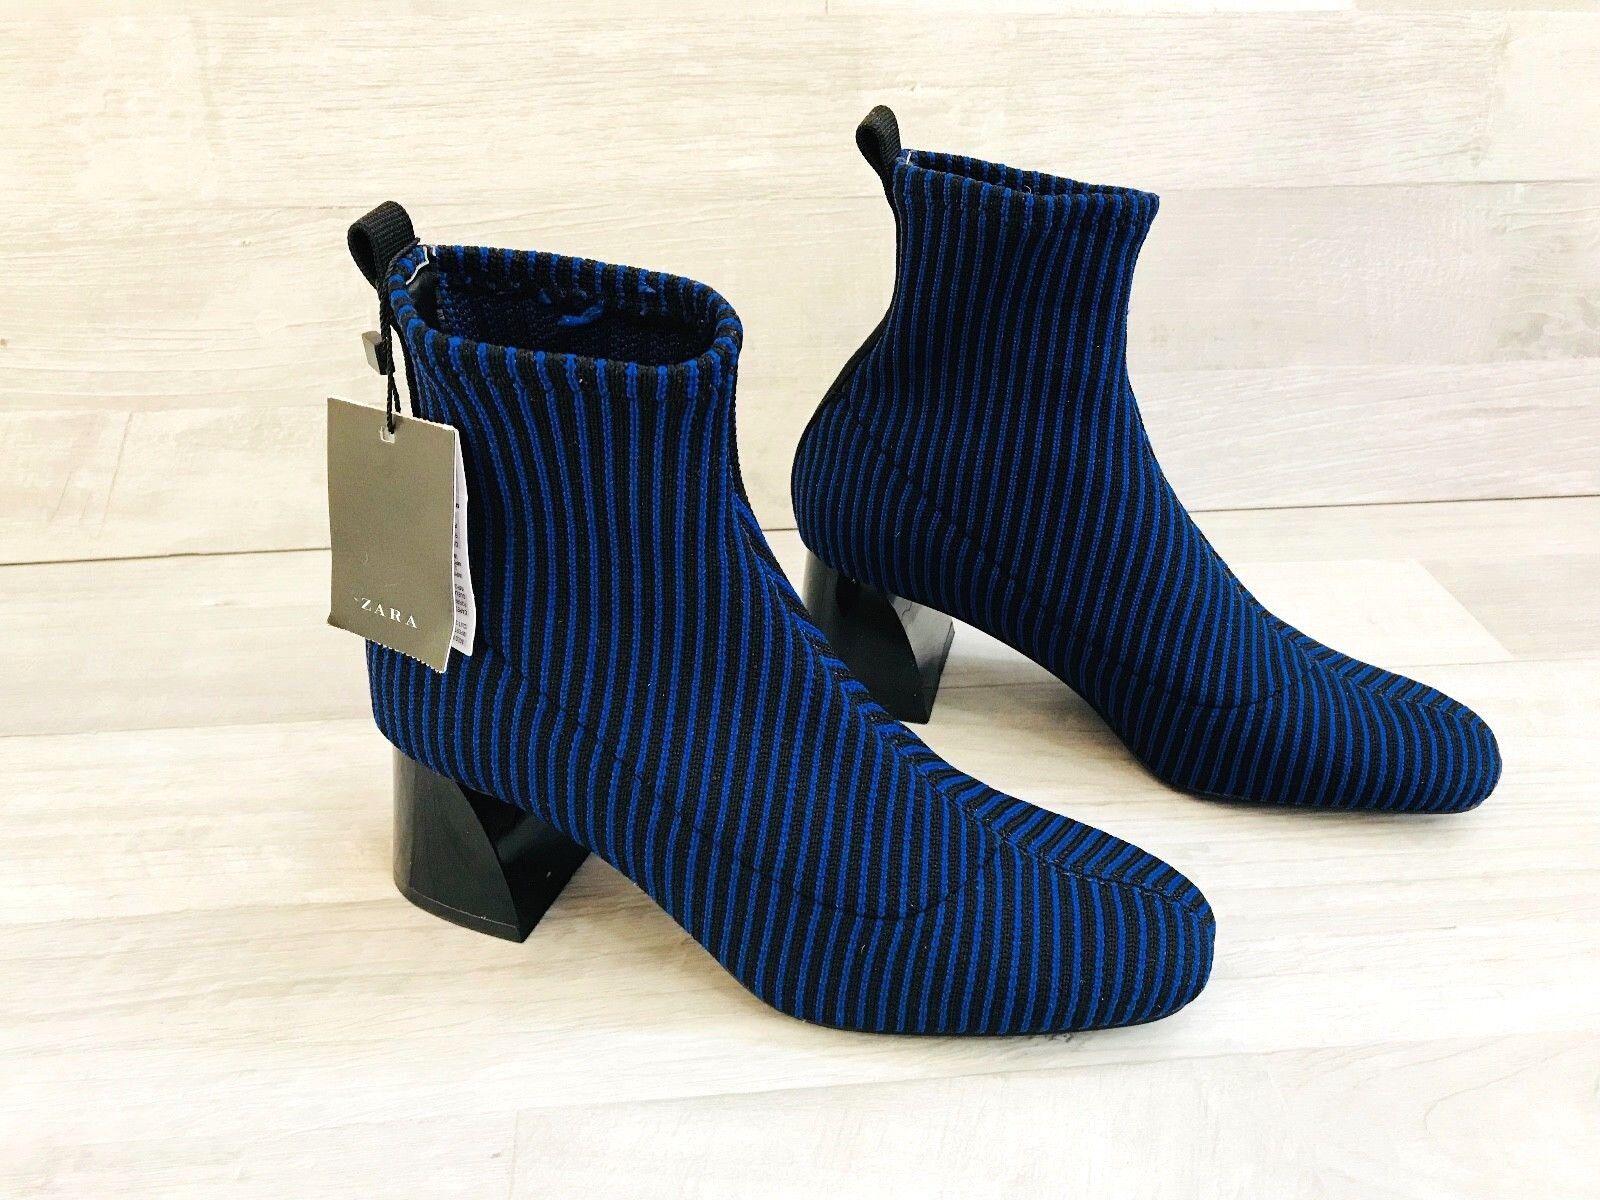 ZARA Women's Ankle Boots Blue Black Contrast Stripe High Heel Sock Style Sz 5